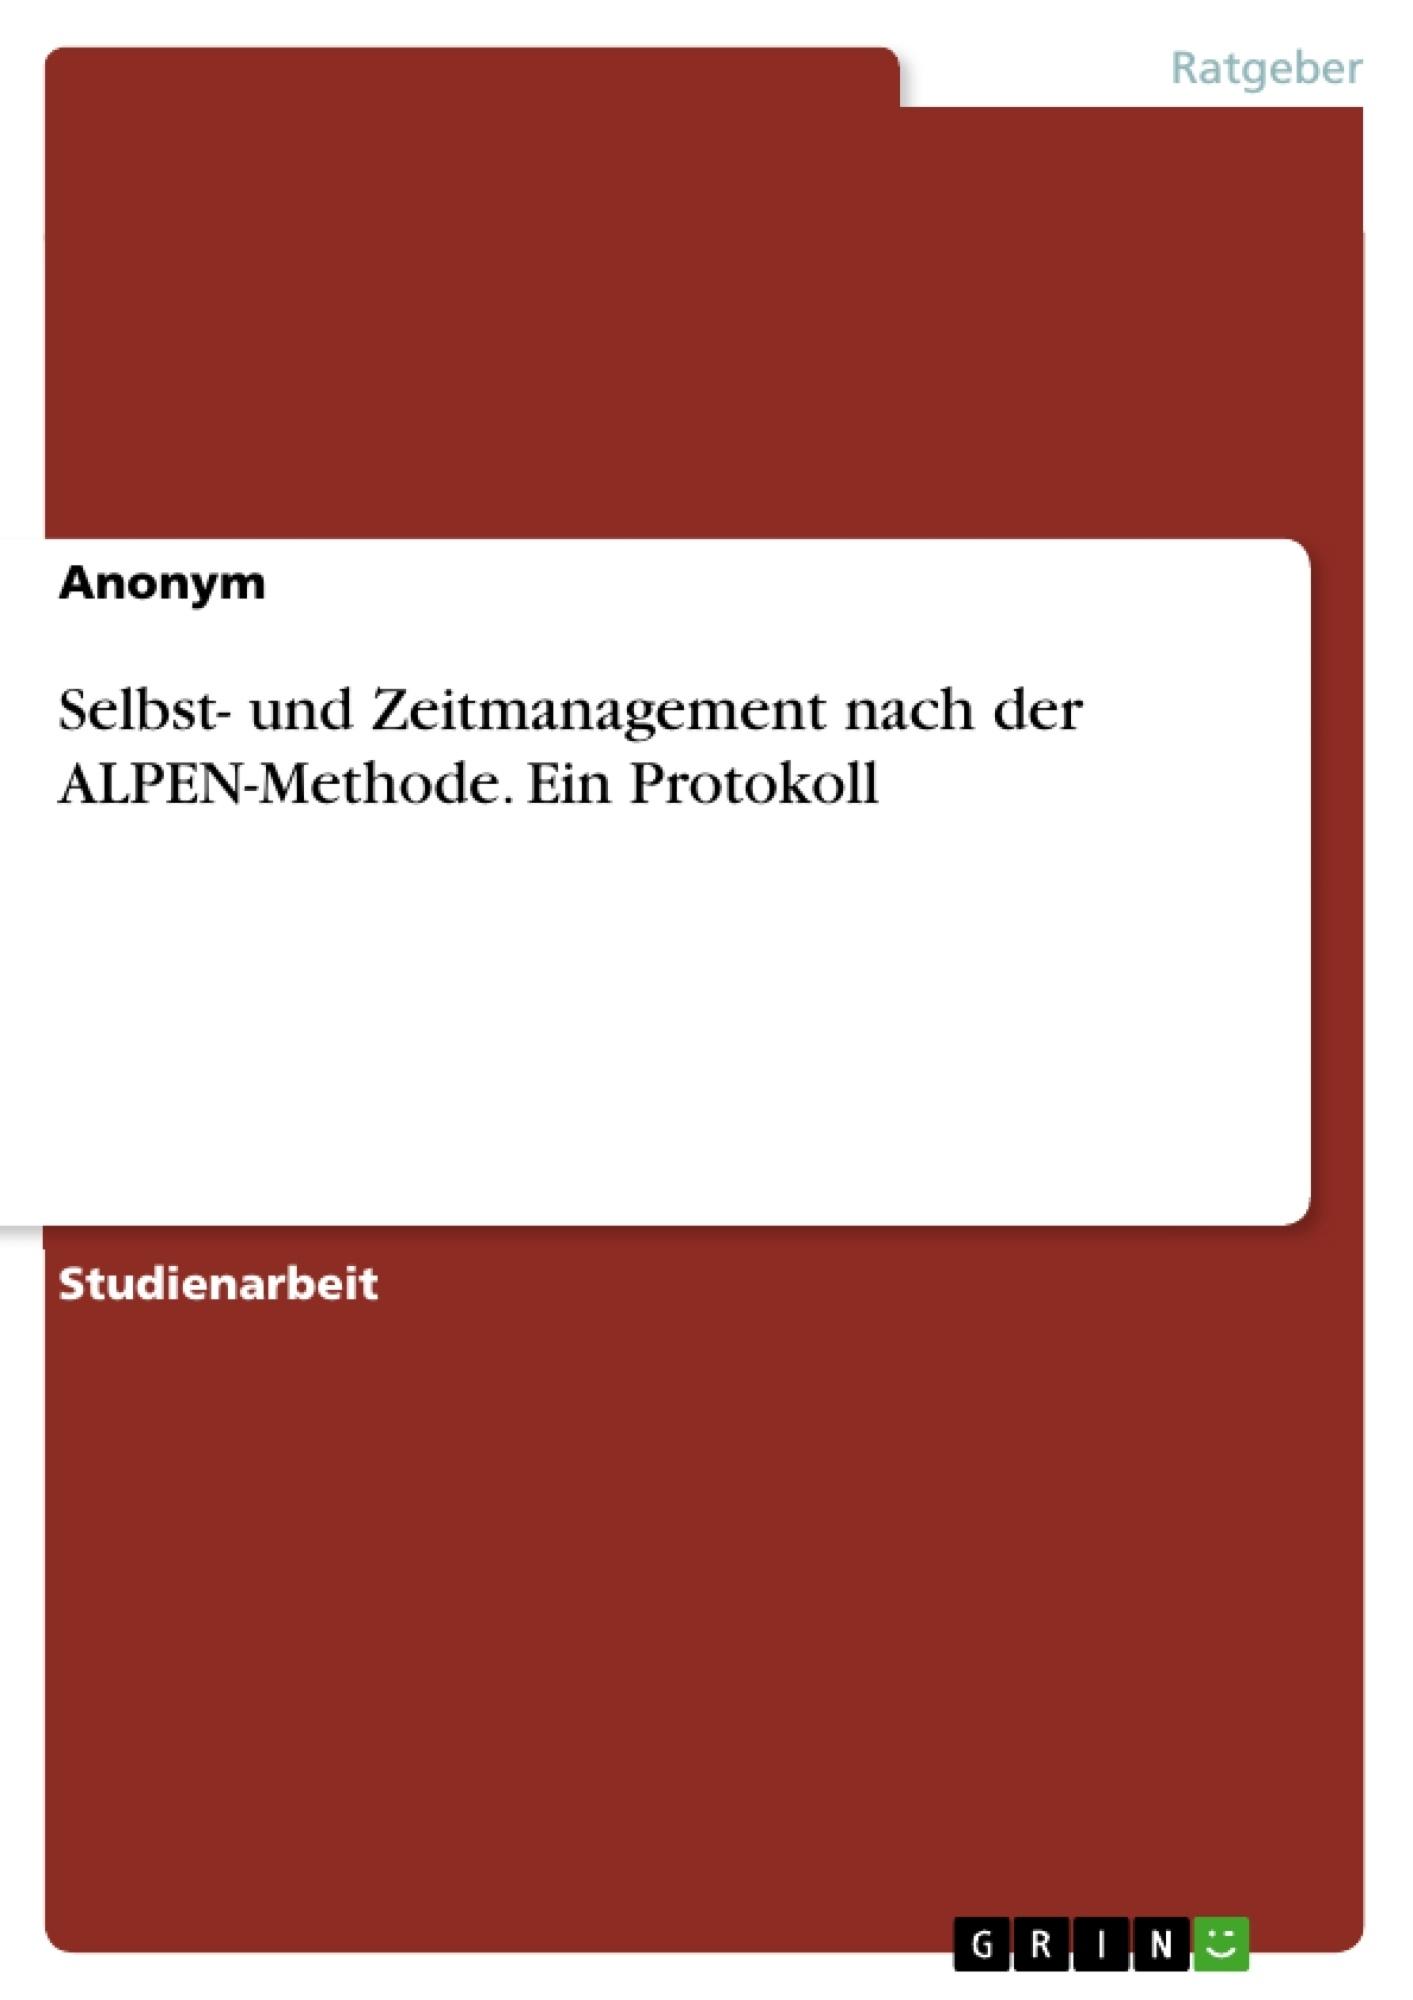 Titel: Selbst- und Zeitmanagement  nach der ALPEN-Methode. Ein Protokoll